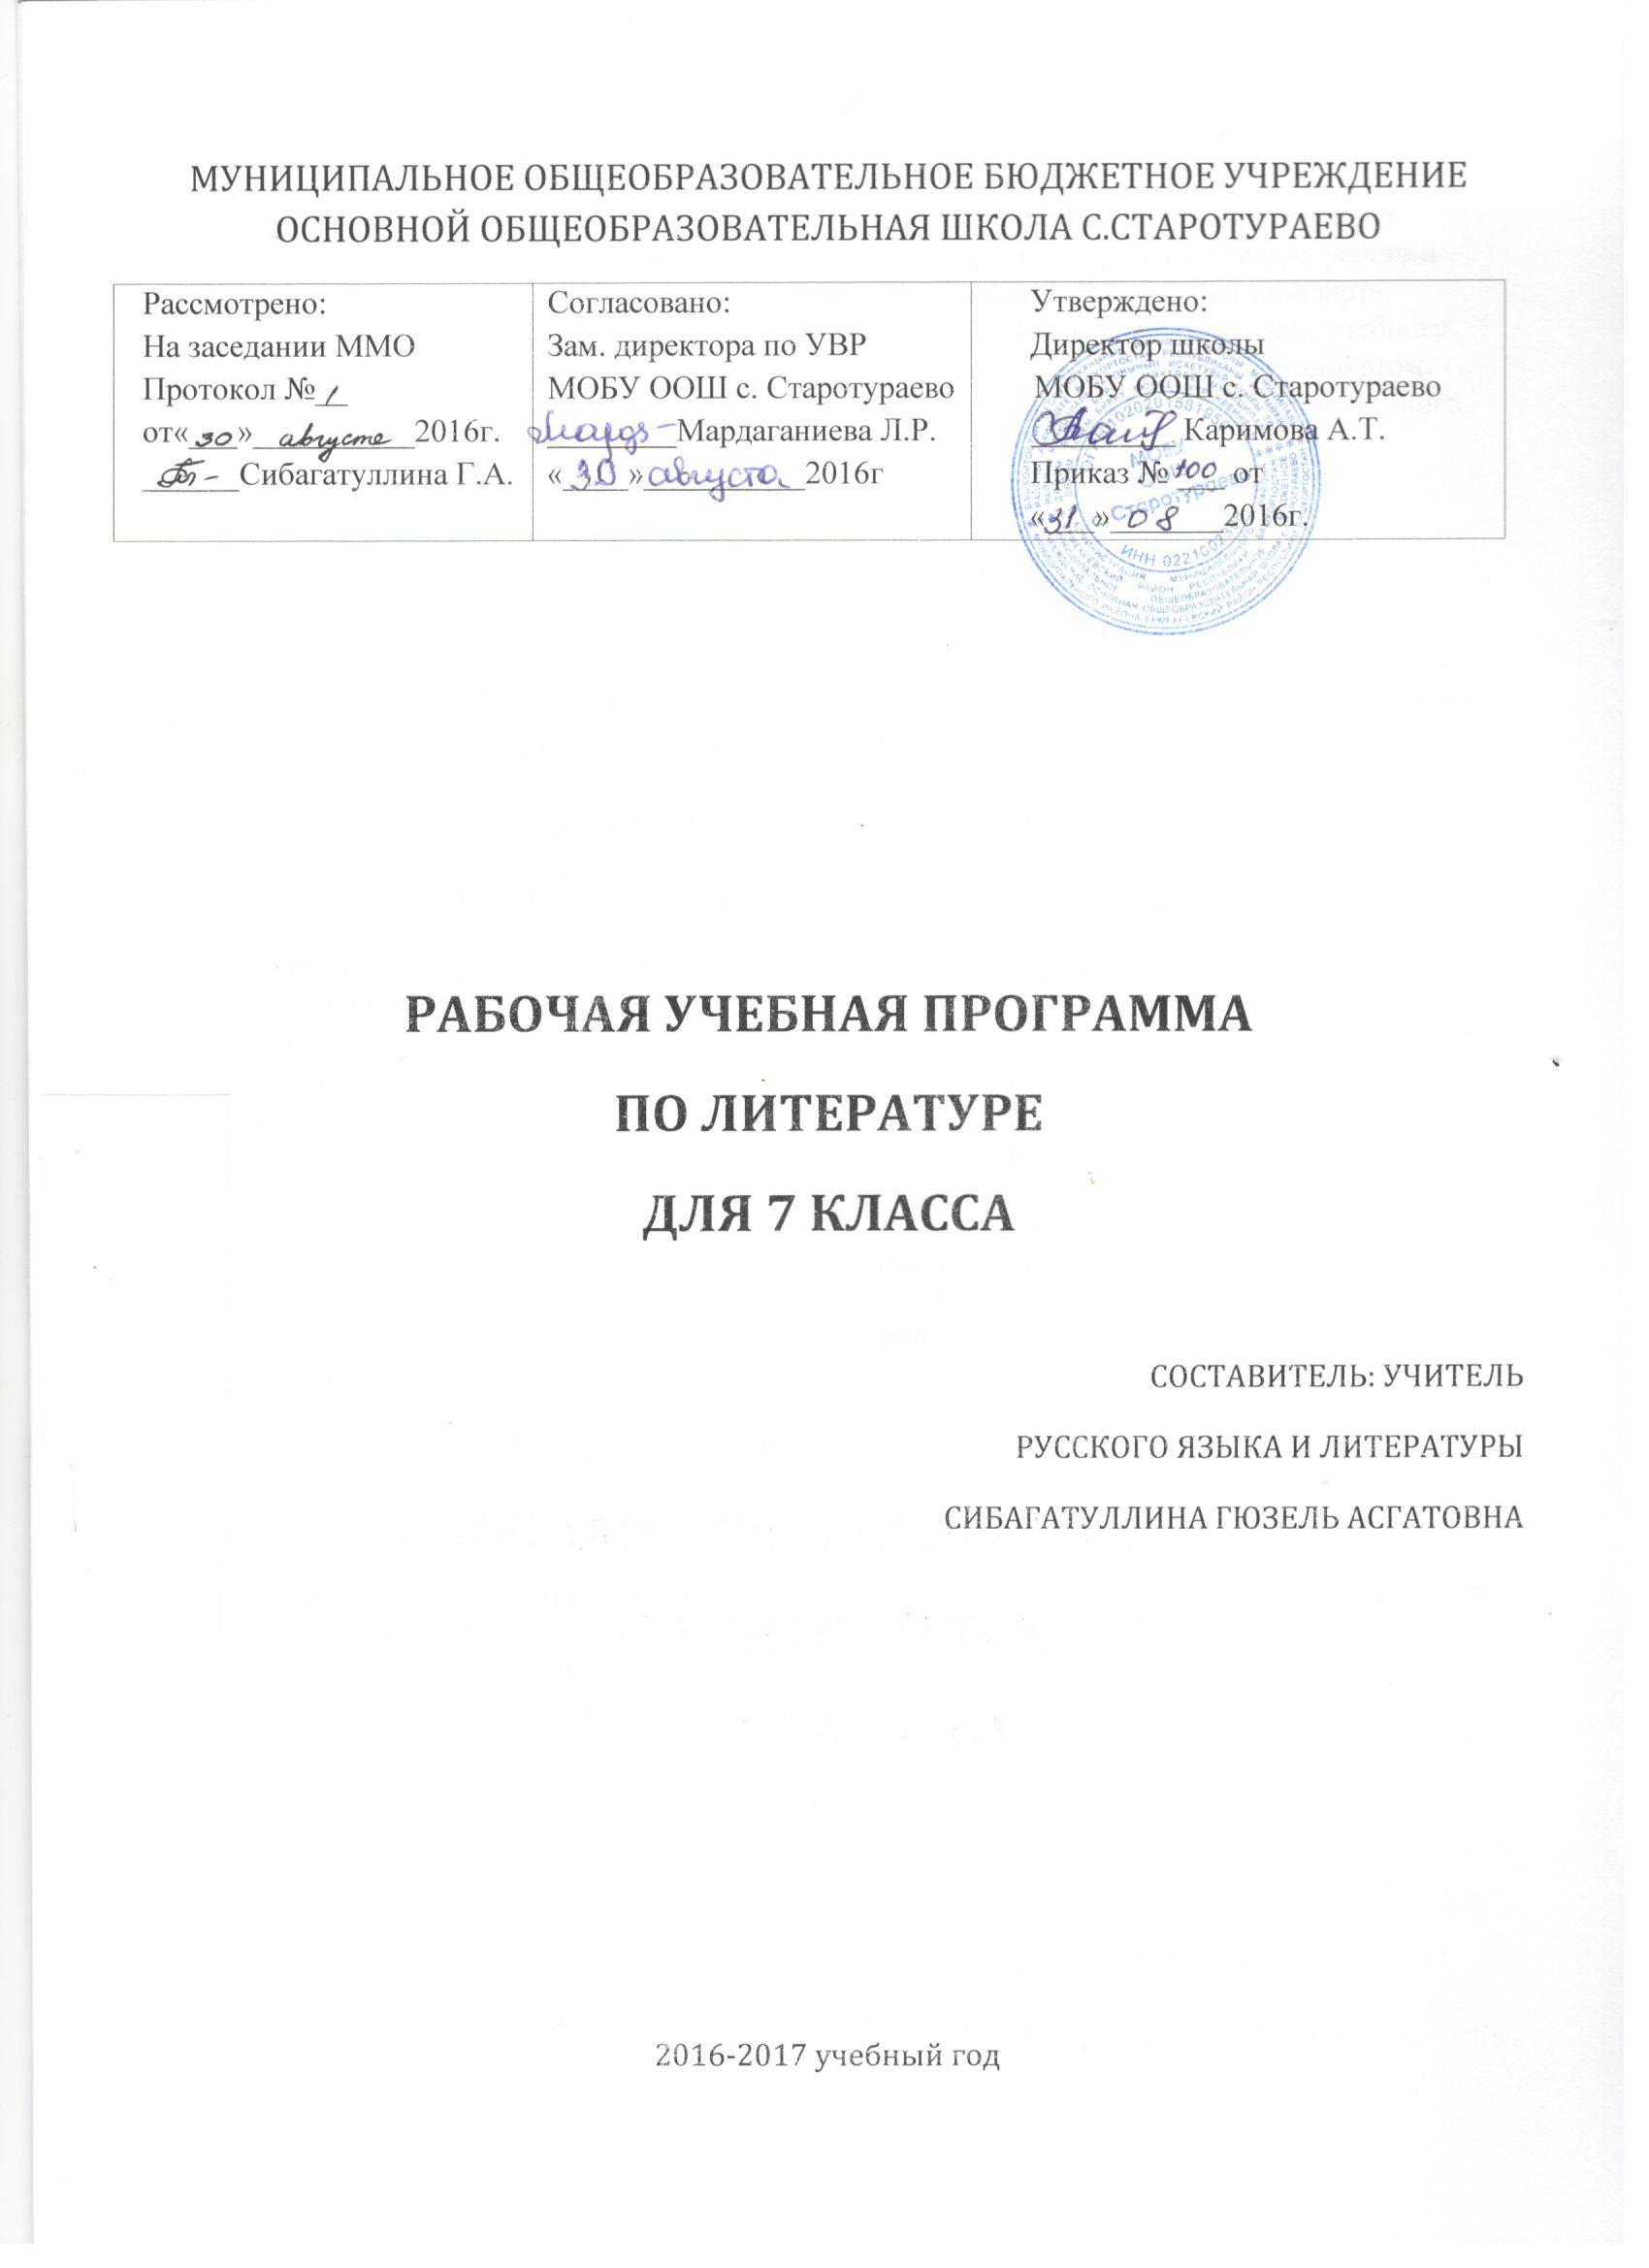 Календарно-тематическое планирование по литературе 8 класс бирюкова нартов